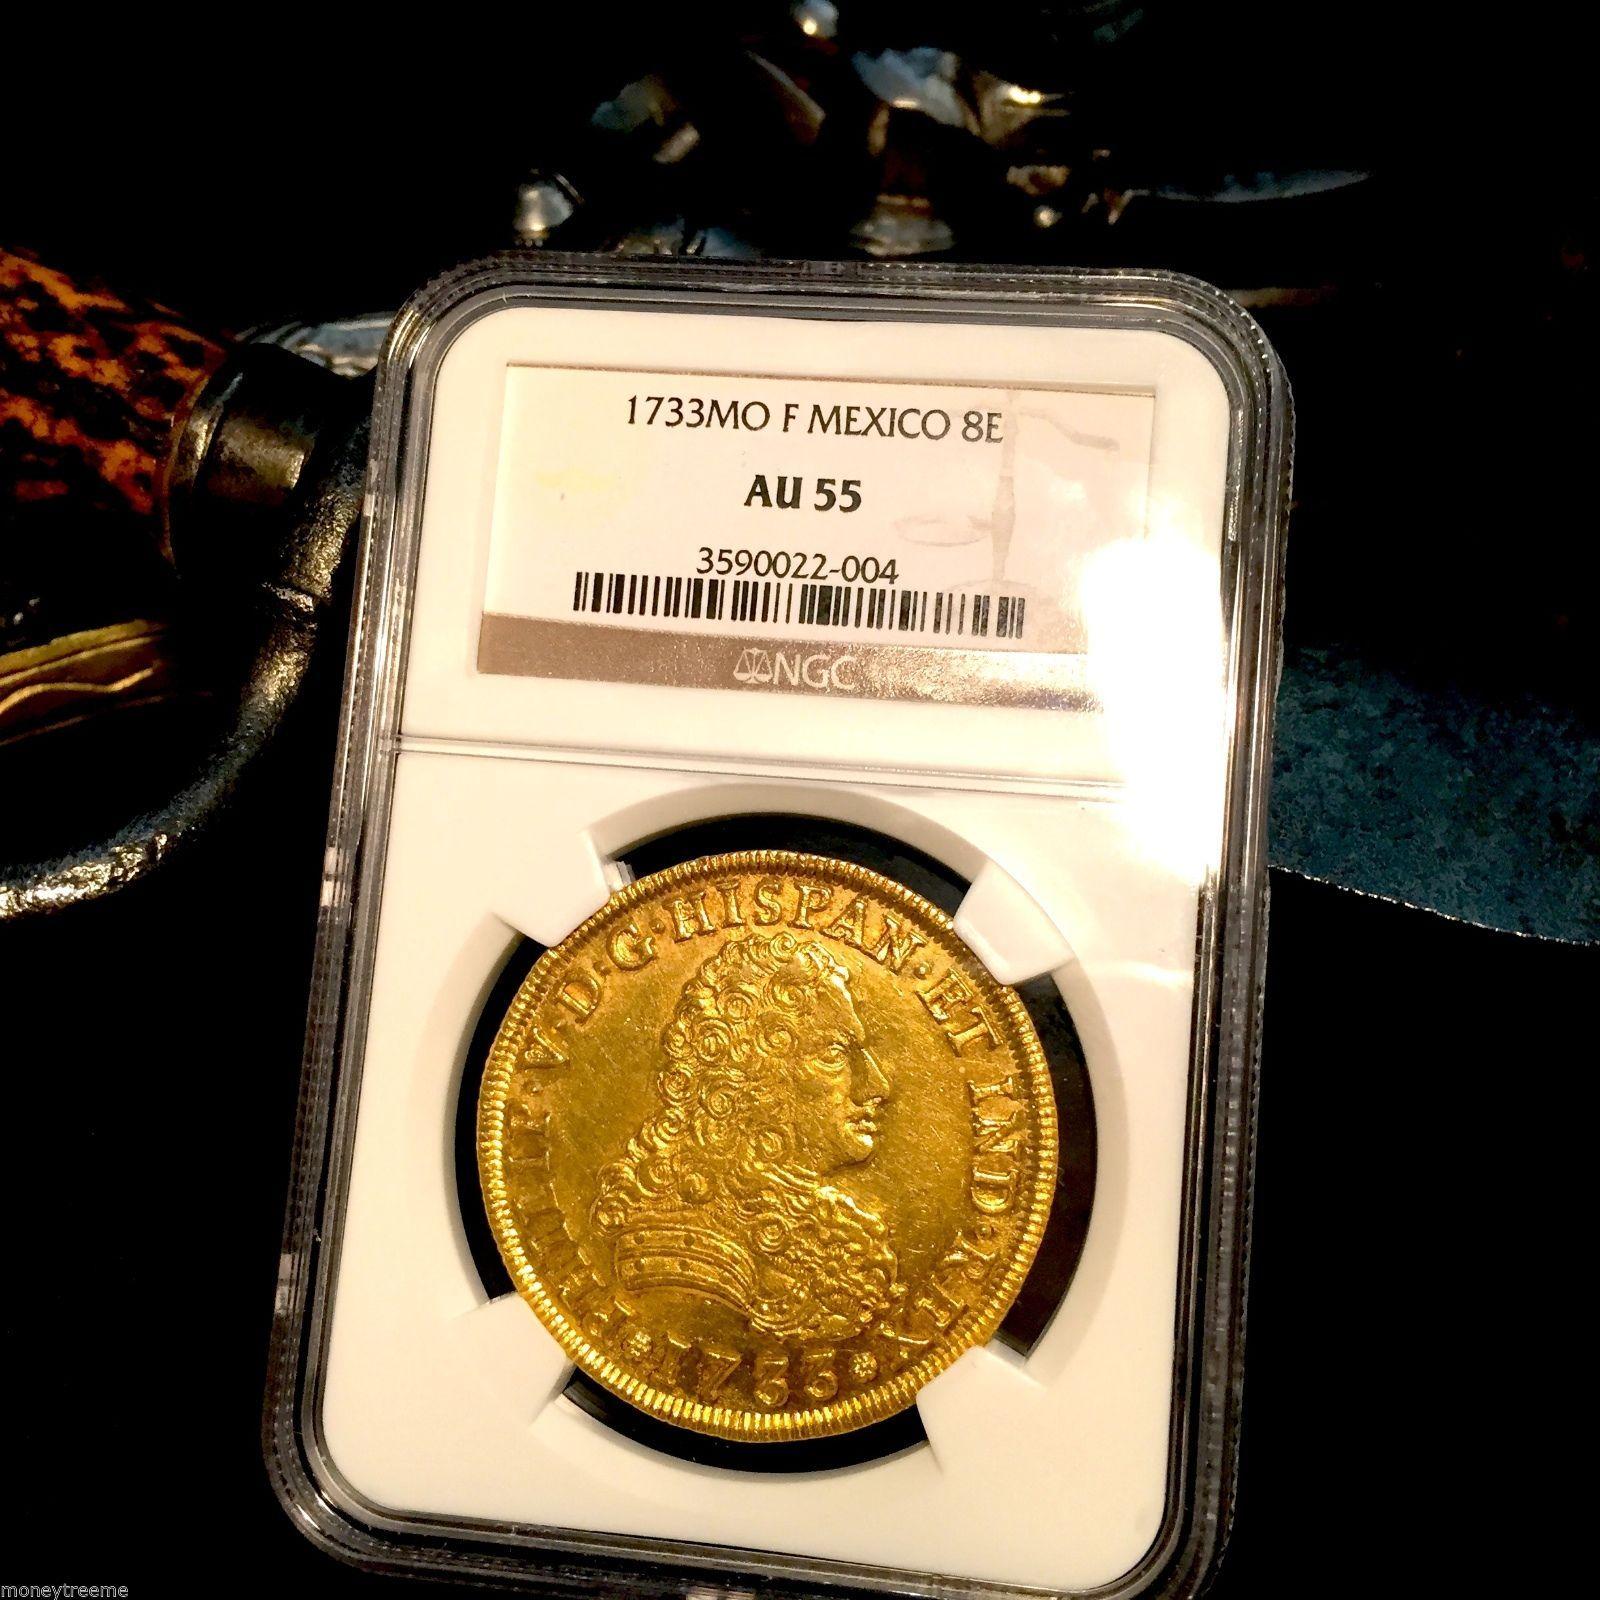 """MEXICO 1733 FLEET SHIPWRECK 8 ESCUDOS NGC 55 """"RARE-Only 13!"""" GOLD DOUBLOON COIN"""